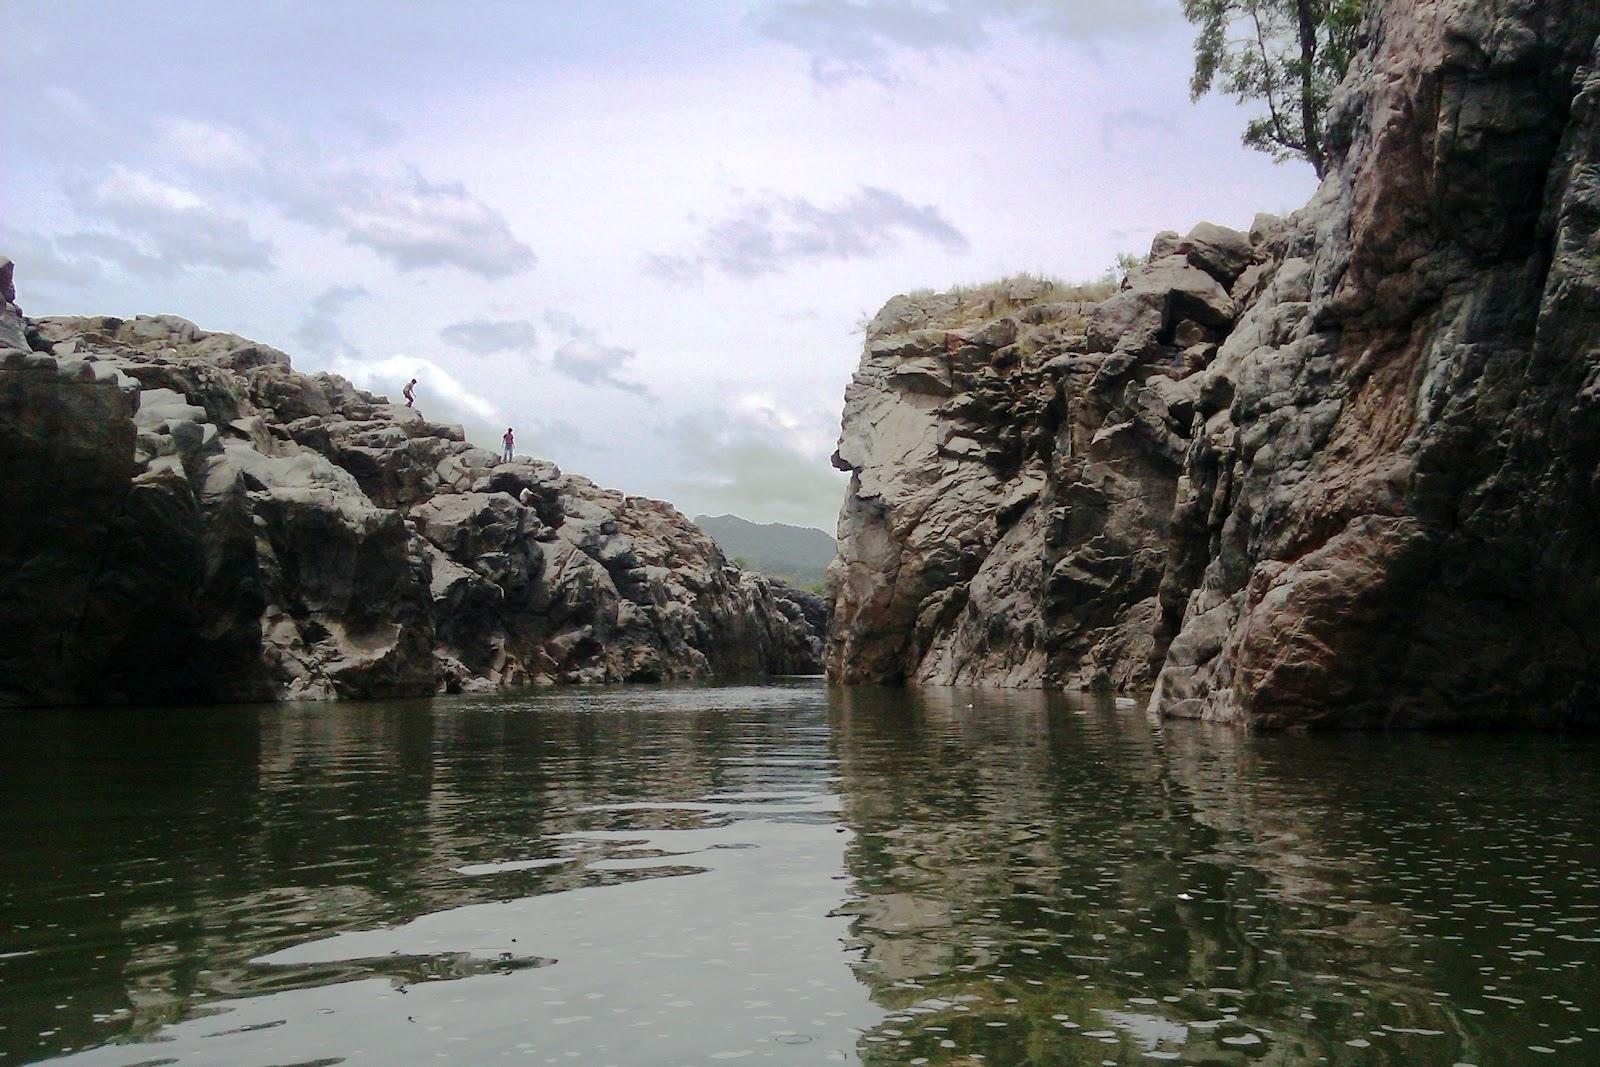 The gorge on both sides of river Kaveri at Hogeynakal